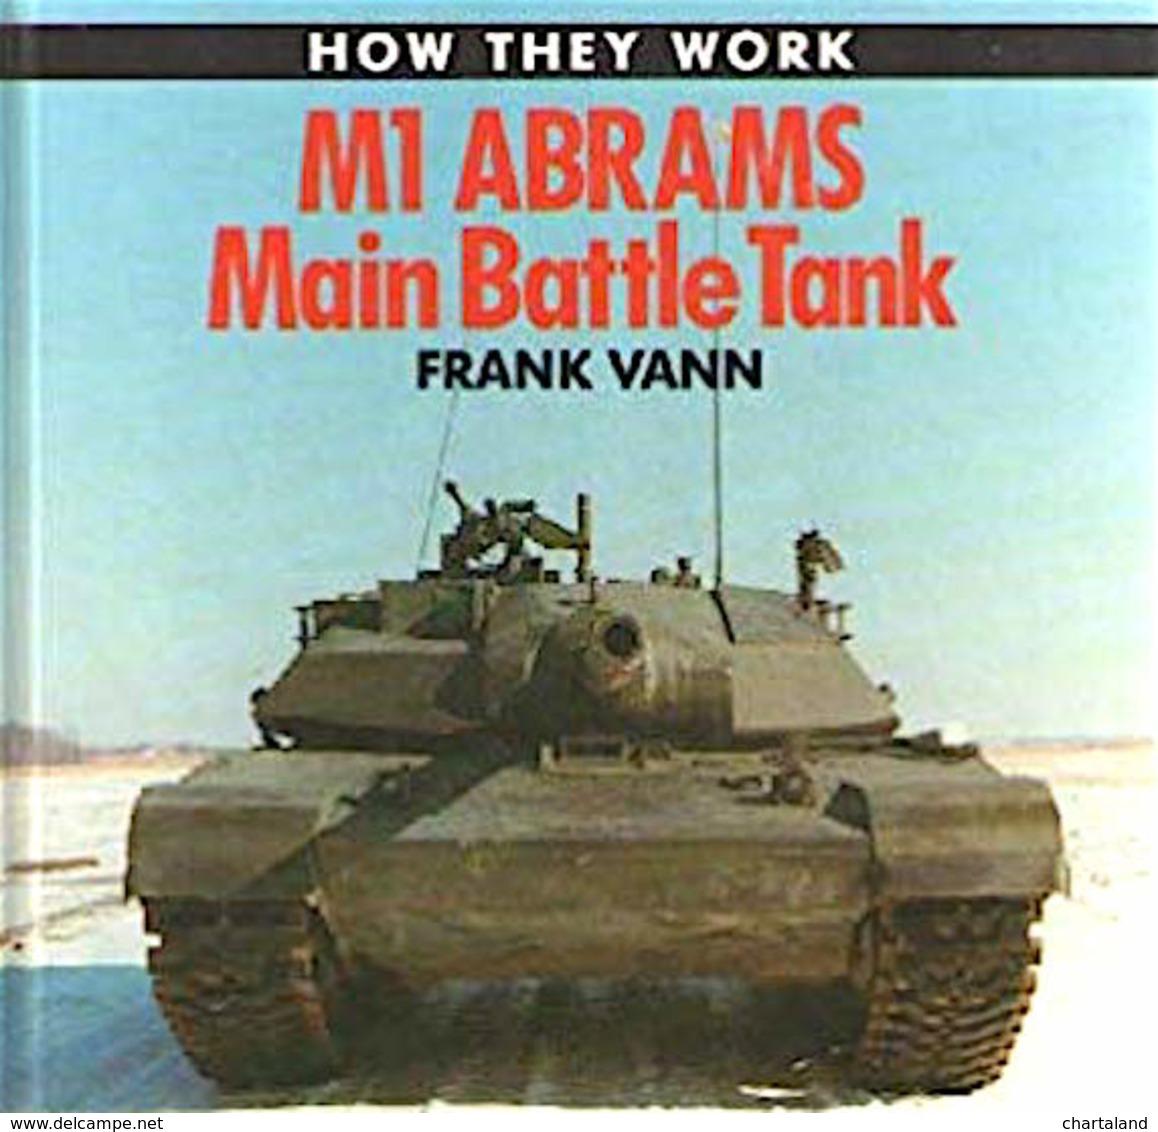 Militaria - Vann - M1 Abrams Main Battle Tank - 1^ Ed. 1989 - Documenti